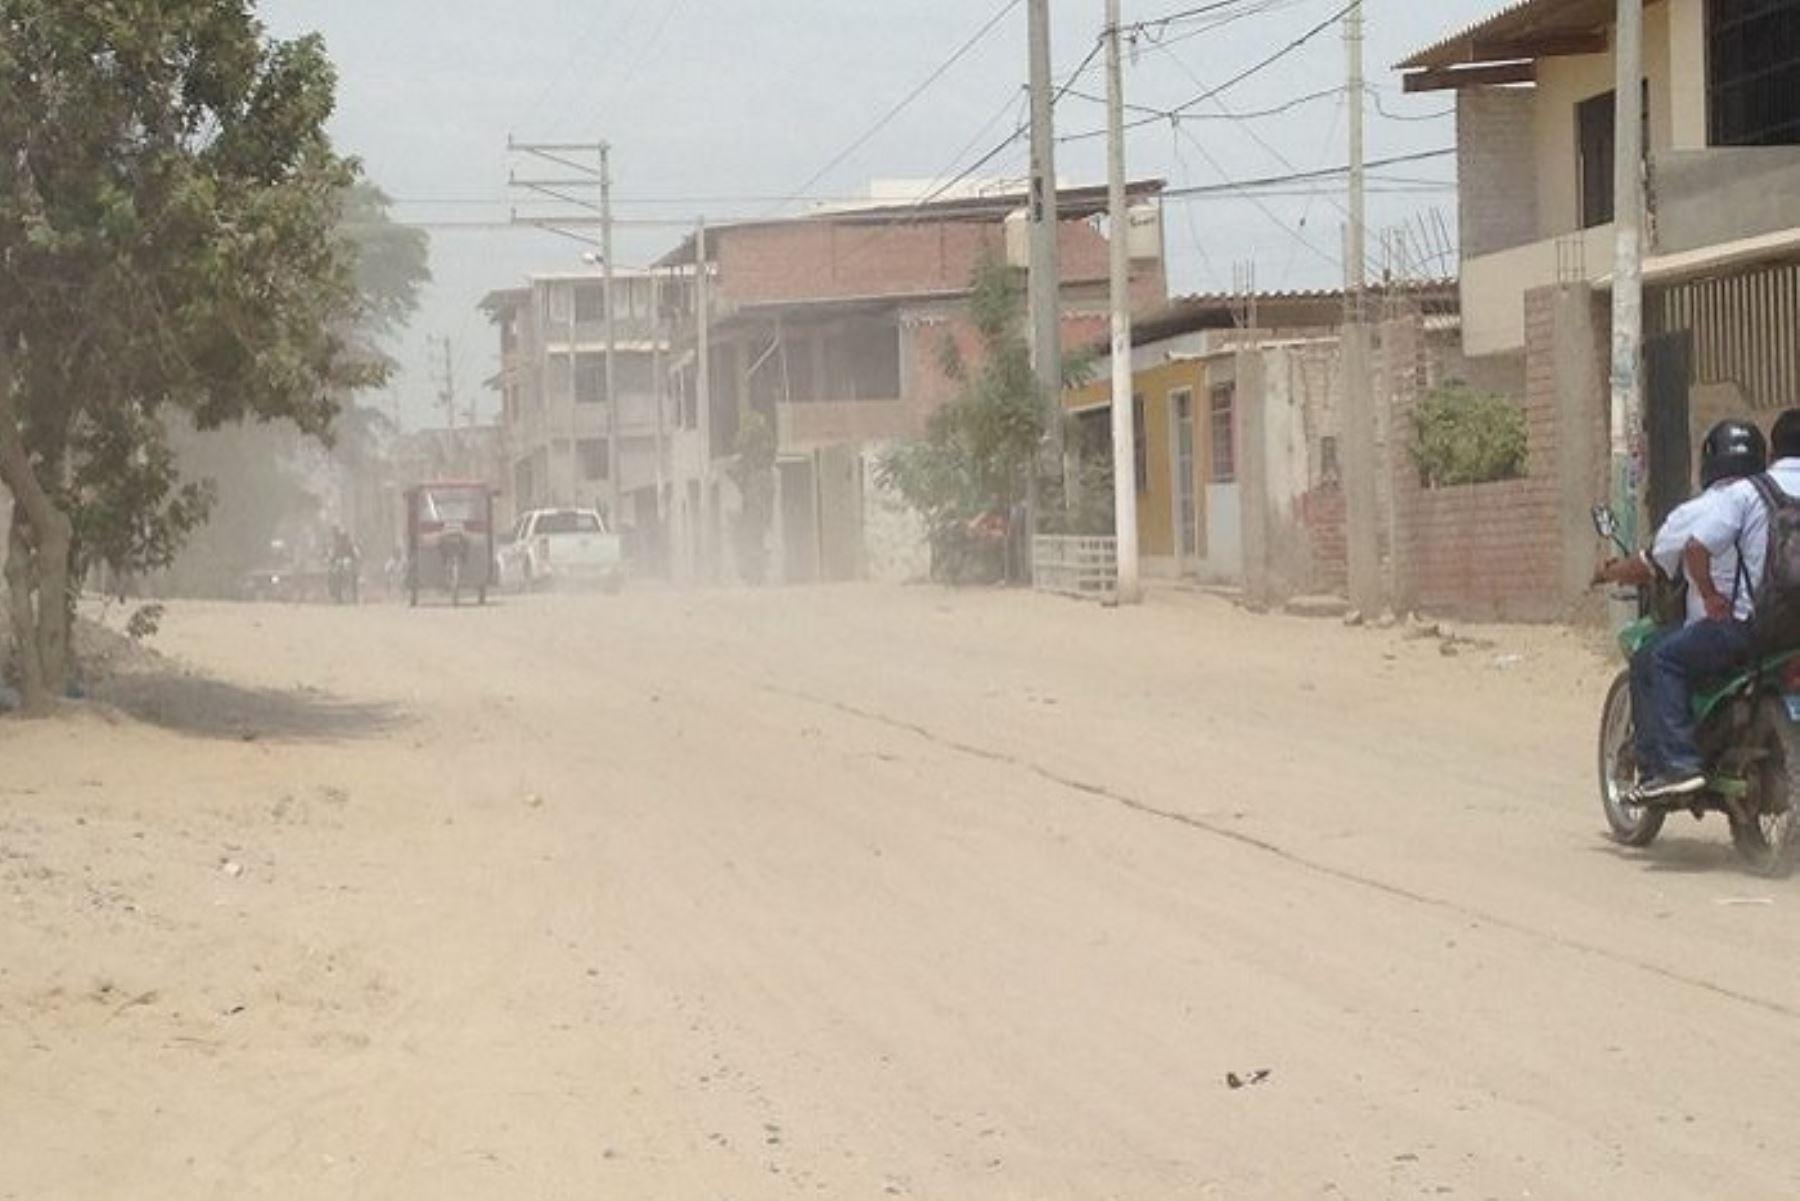 Fuertes registrados en el distrito de Huarmaca, provincia de Huancabamba, en la región Piura, causaron la muerte de un anciano, ya que al intentar protegerse intentó cogerse de una varilla que no estaba segura y cayó desde una altura de varios metros.